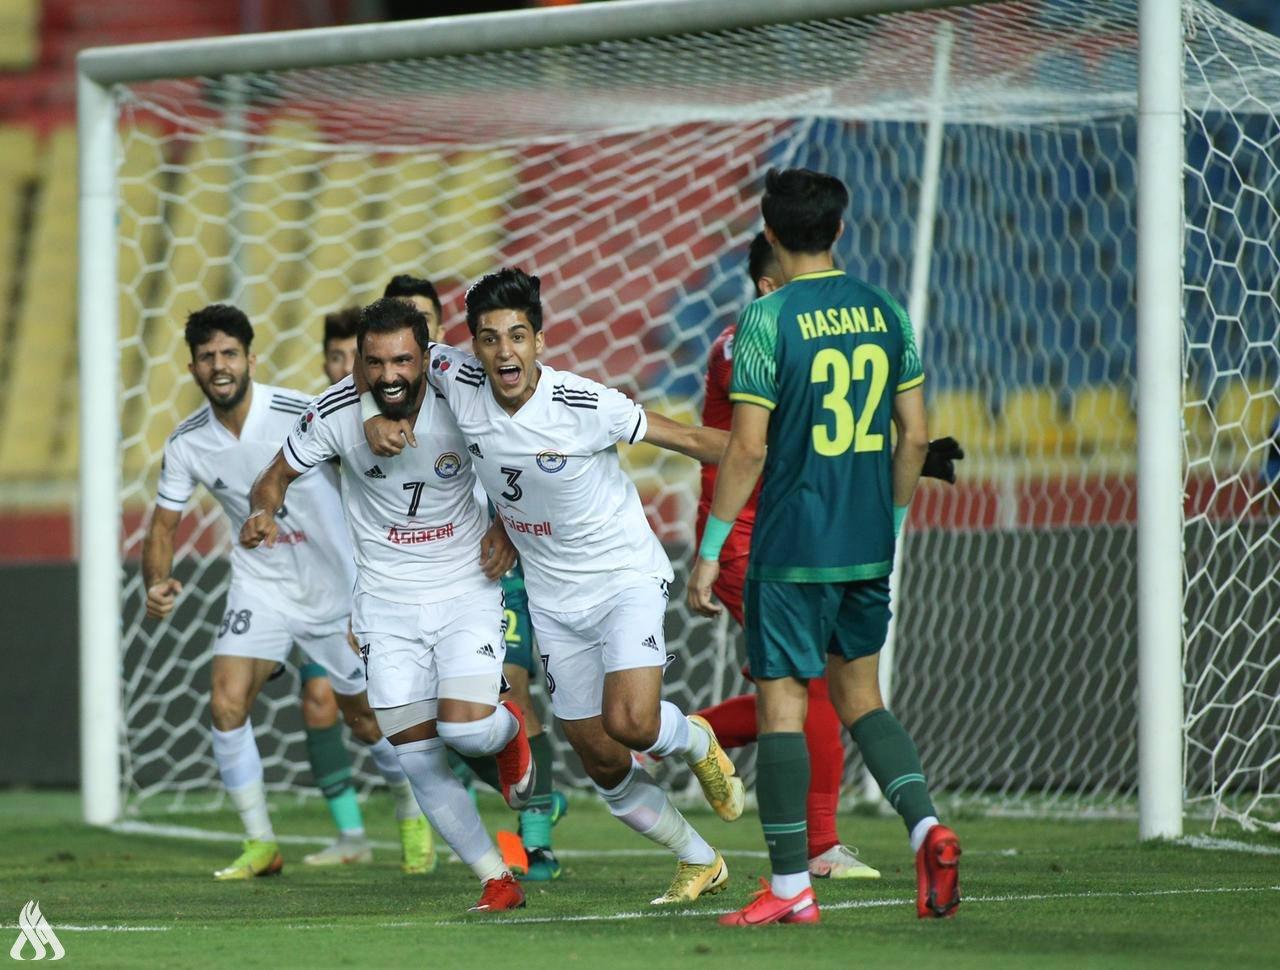 الزوراء يبلغ نهائي كأس العراق بعد فوزه على الشرطة بهدفين نظيفين